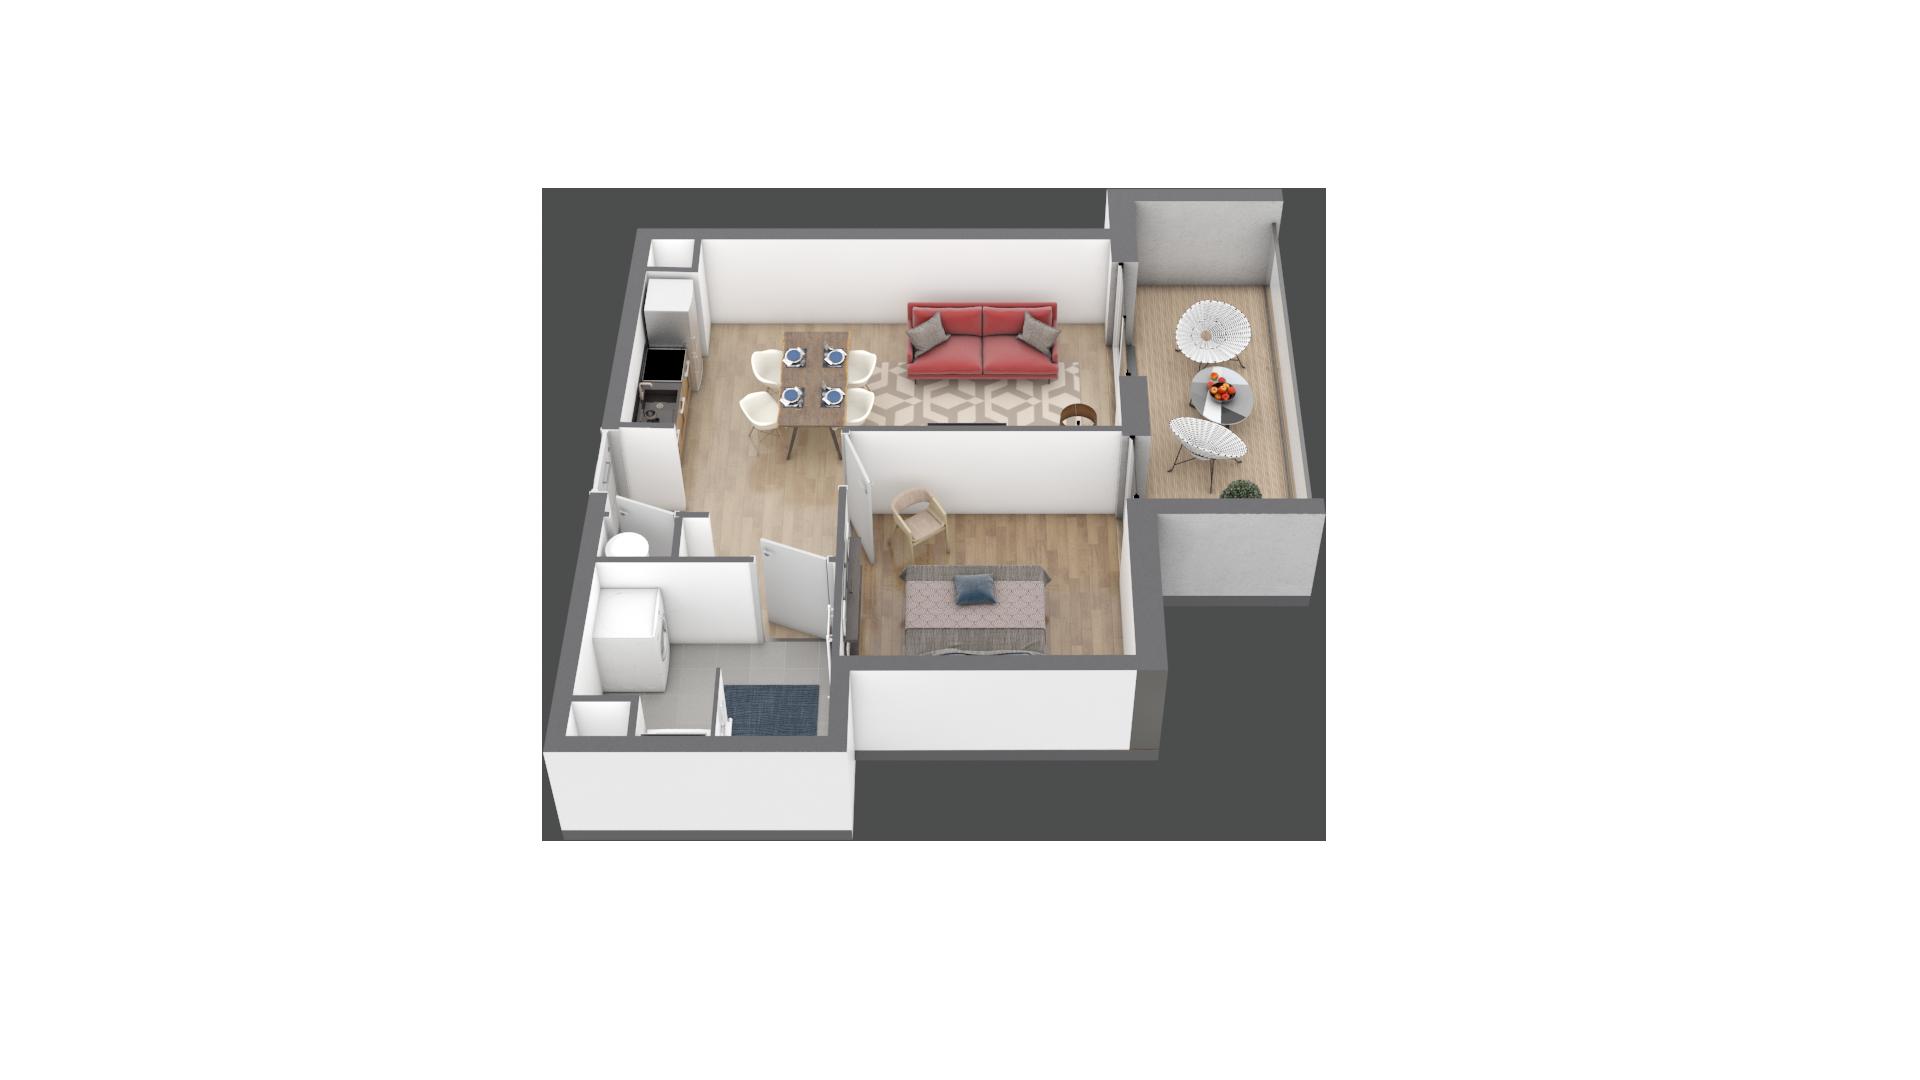 appartement A203 de type T2